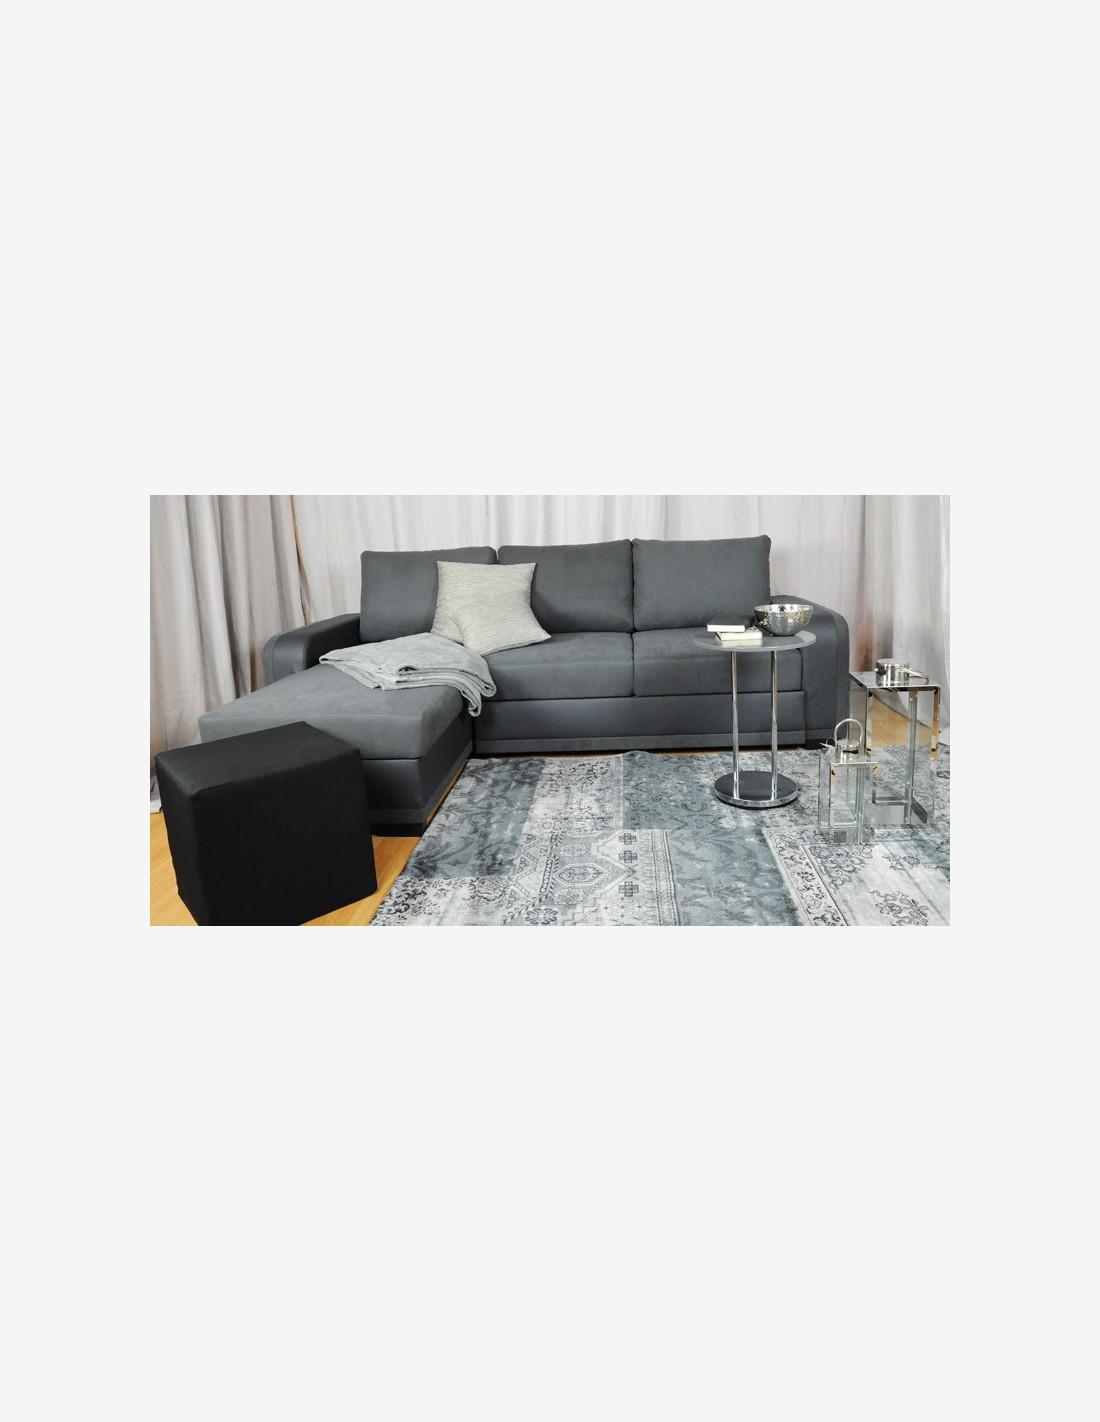 Divani piccoli ad angolo divani piccoli 10 soluzioni per - Divani letto piccoli spazi ...